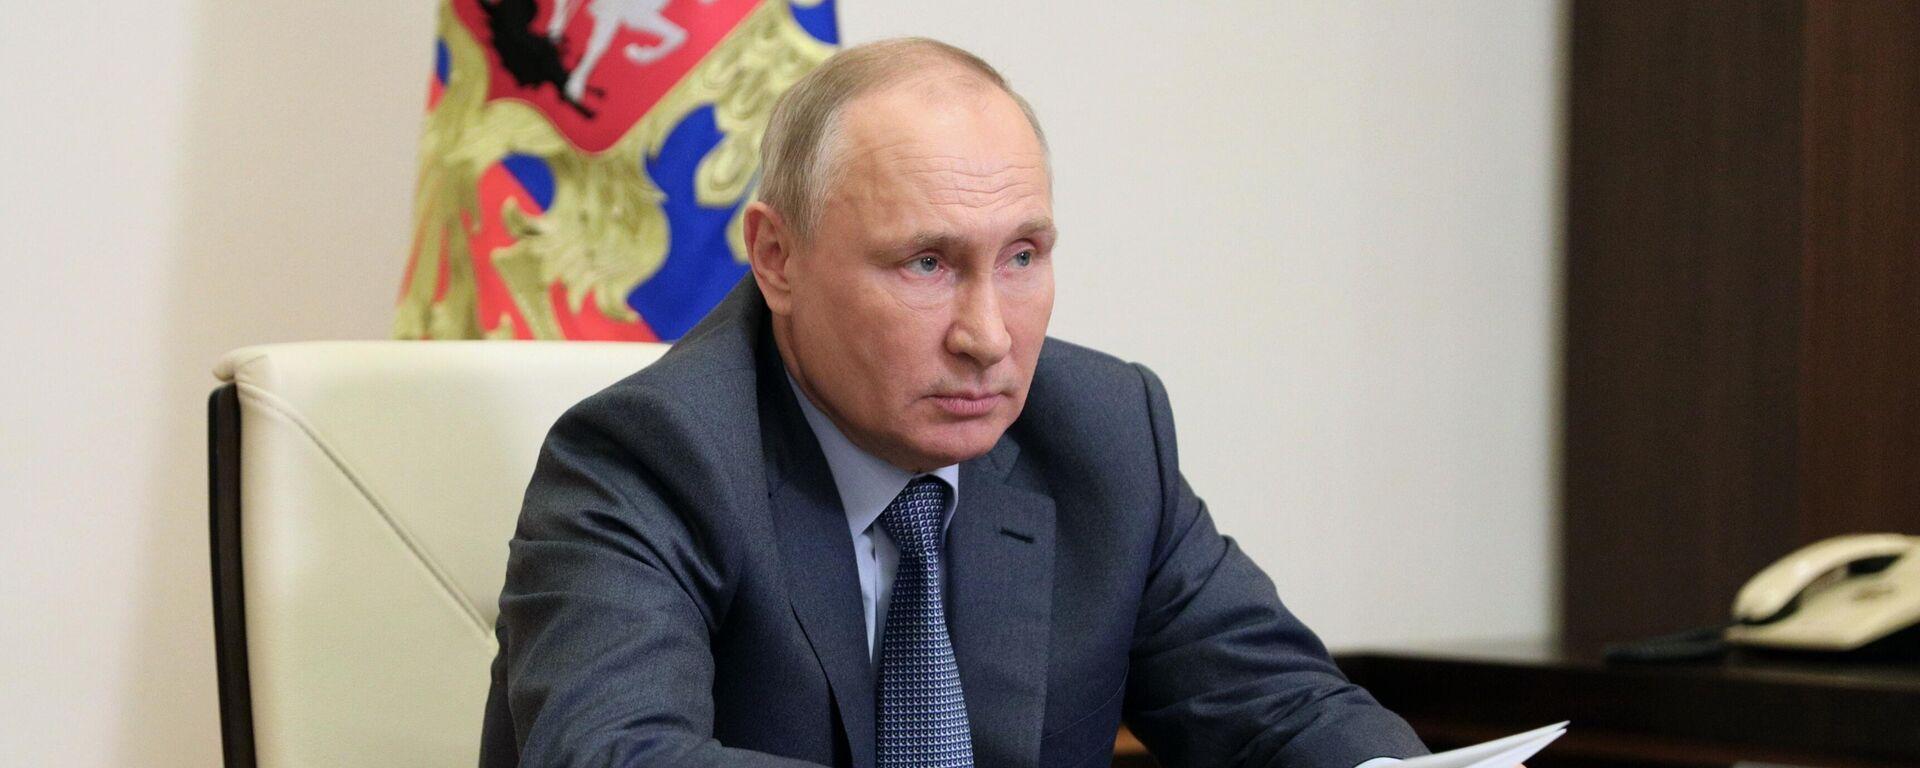 El presidente de Rusia, Vladímir Putin - Sputnik Mundo, 1920, 09.06.2021